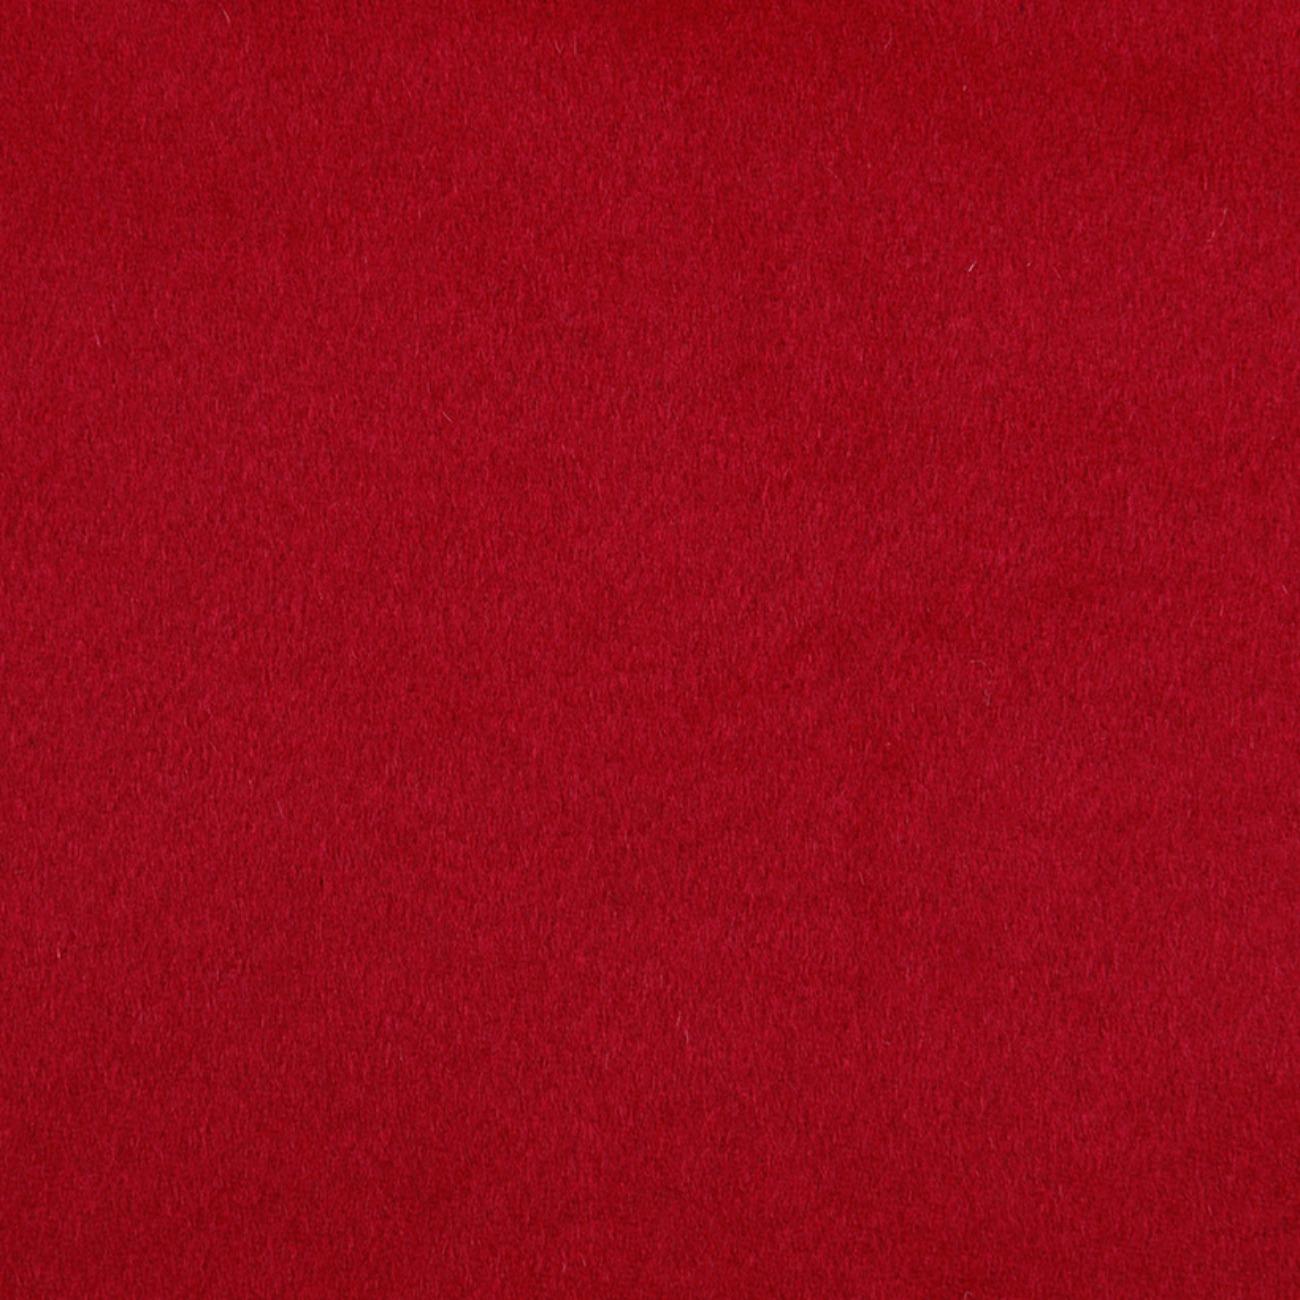 双面羊绒 素色 梭织 双面 无弹 大衣 外套 厚 柔软 细腻 绒感 男装 女装 童装 秋冬 羊毛 71019-5